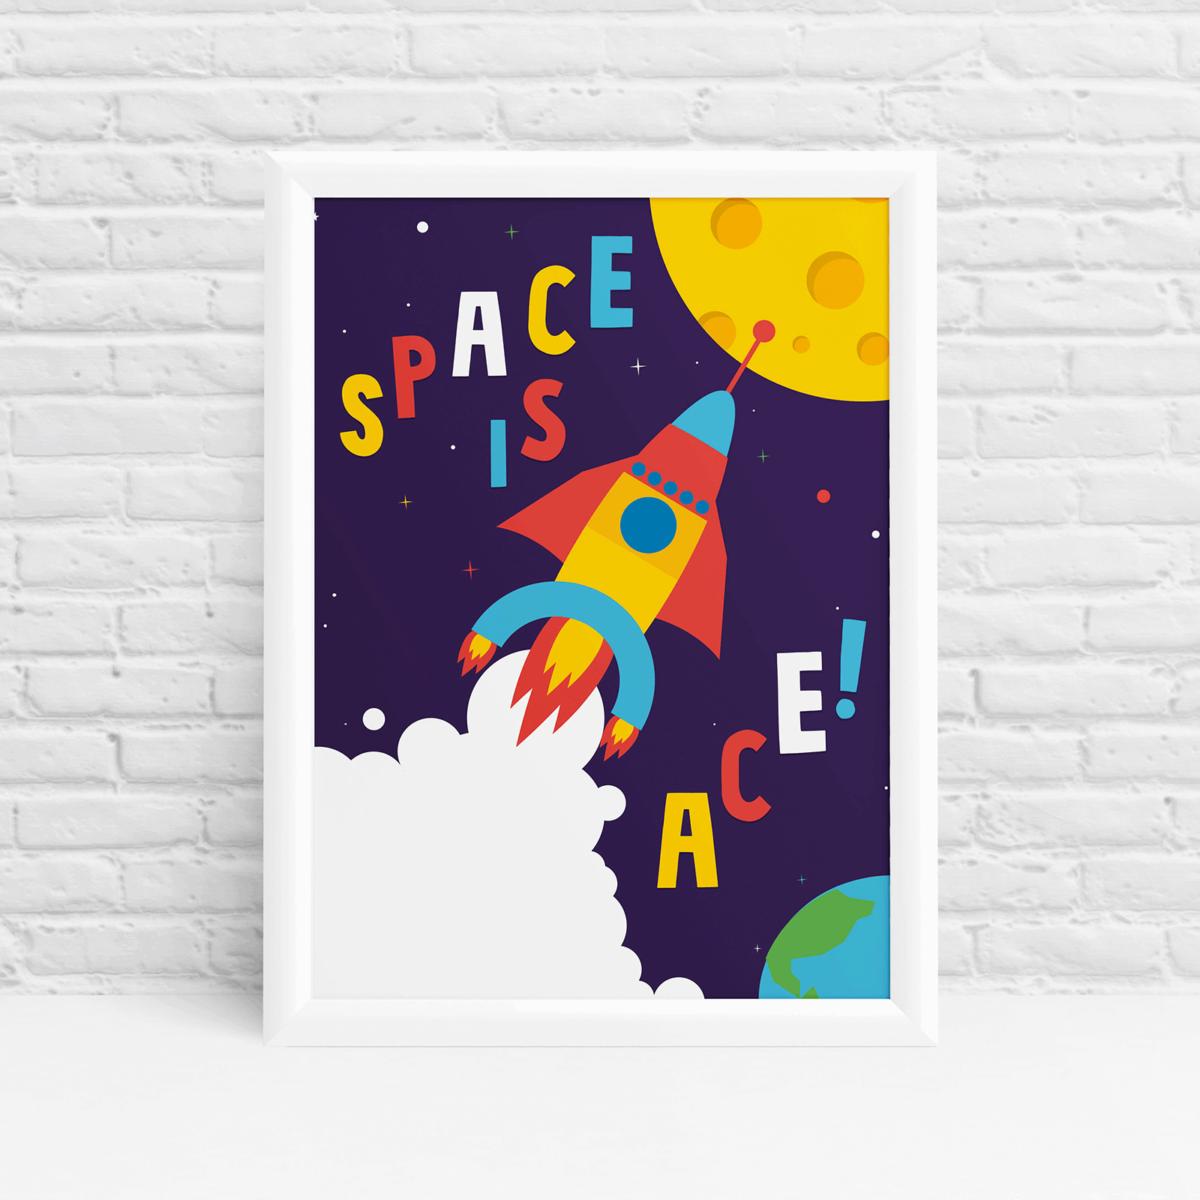 Space is ace! Original nursery art by Ibbleobble